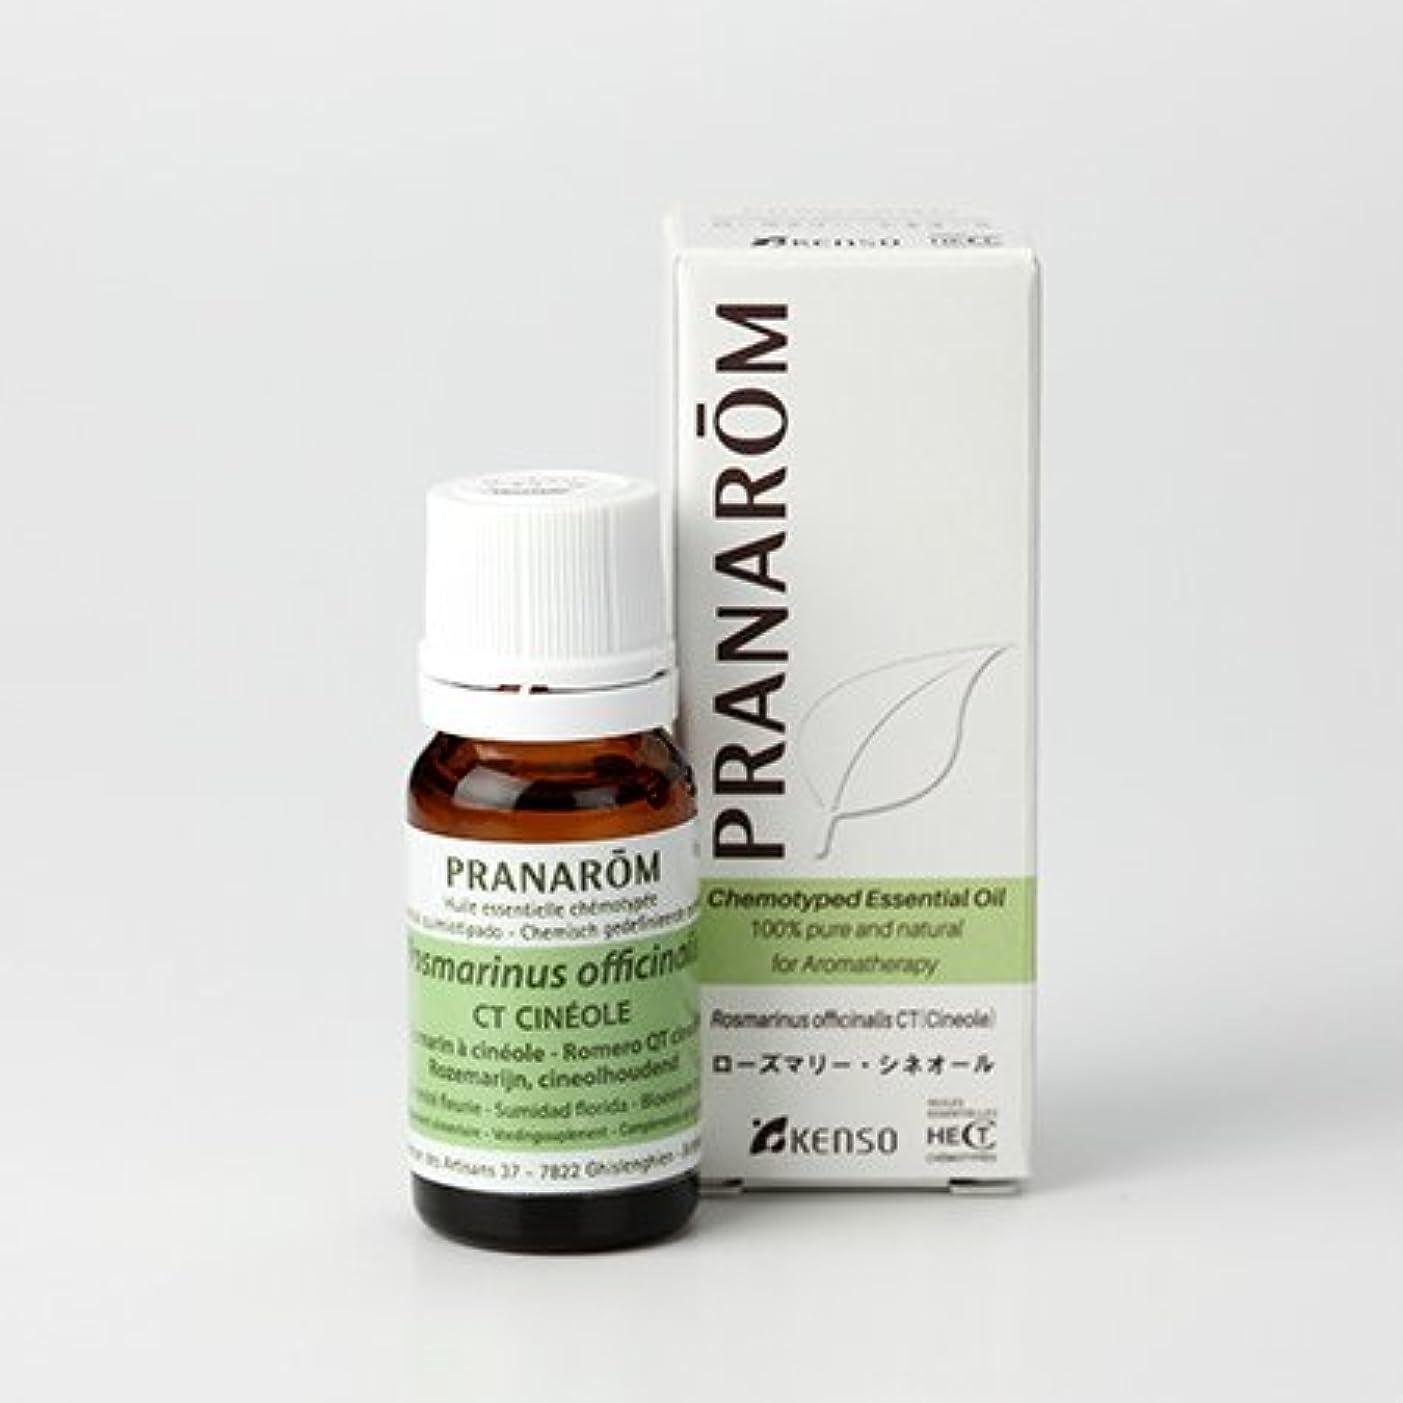 スクラップ提唱する提出するプラナロム ローズマリーシネオール 10ml (PRANAROM ケモタイプ精油)